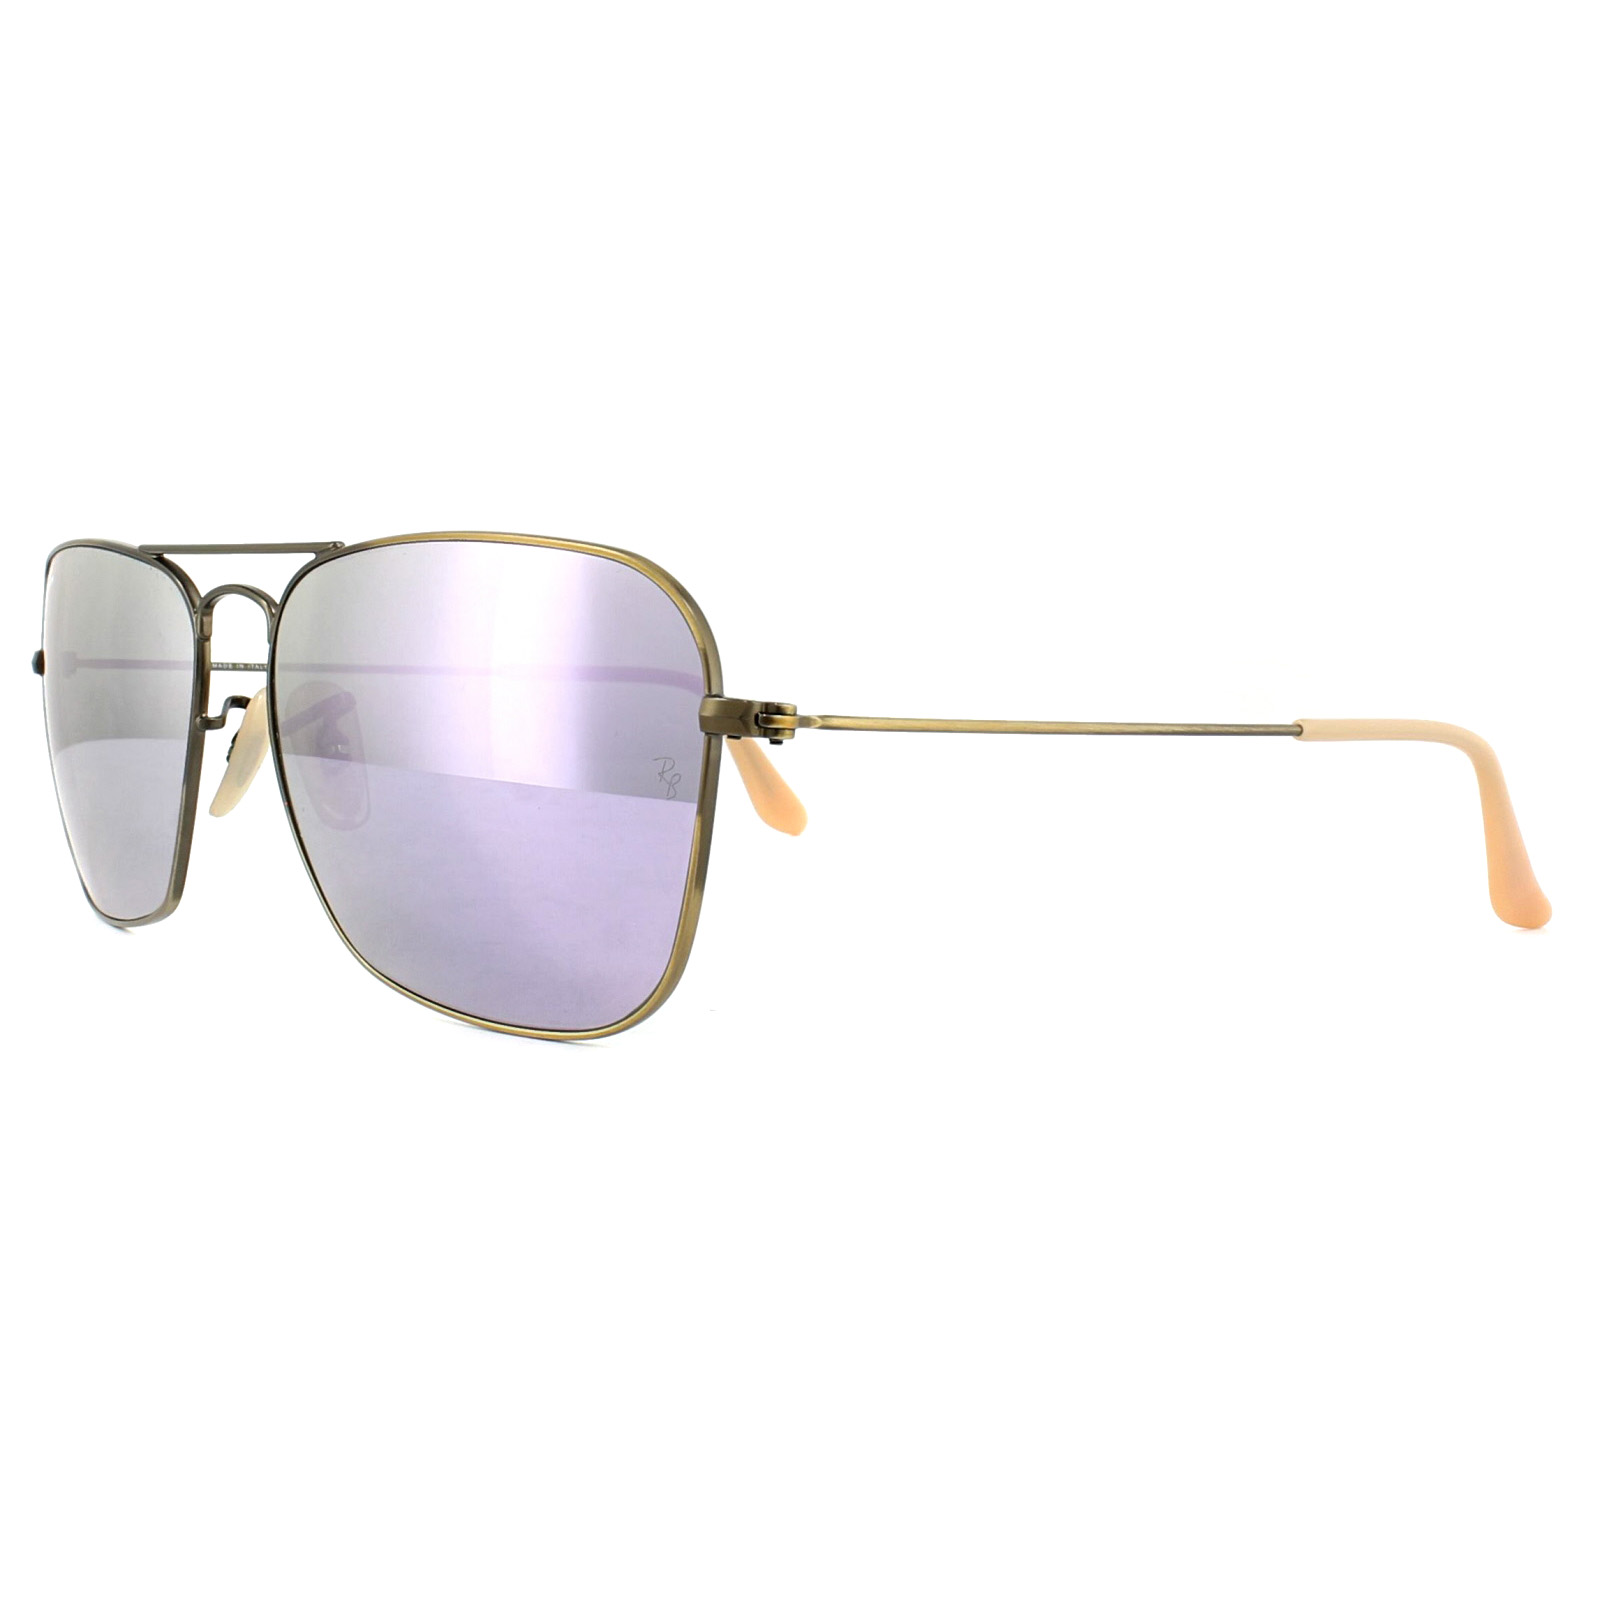 de6f01a263 Sentinel Ray-Ban Sunglasses Caravan 3136 167/4K Bronze Copper Lilac Mirror  58mm